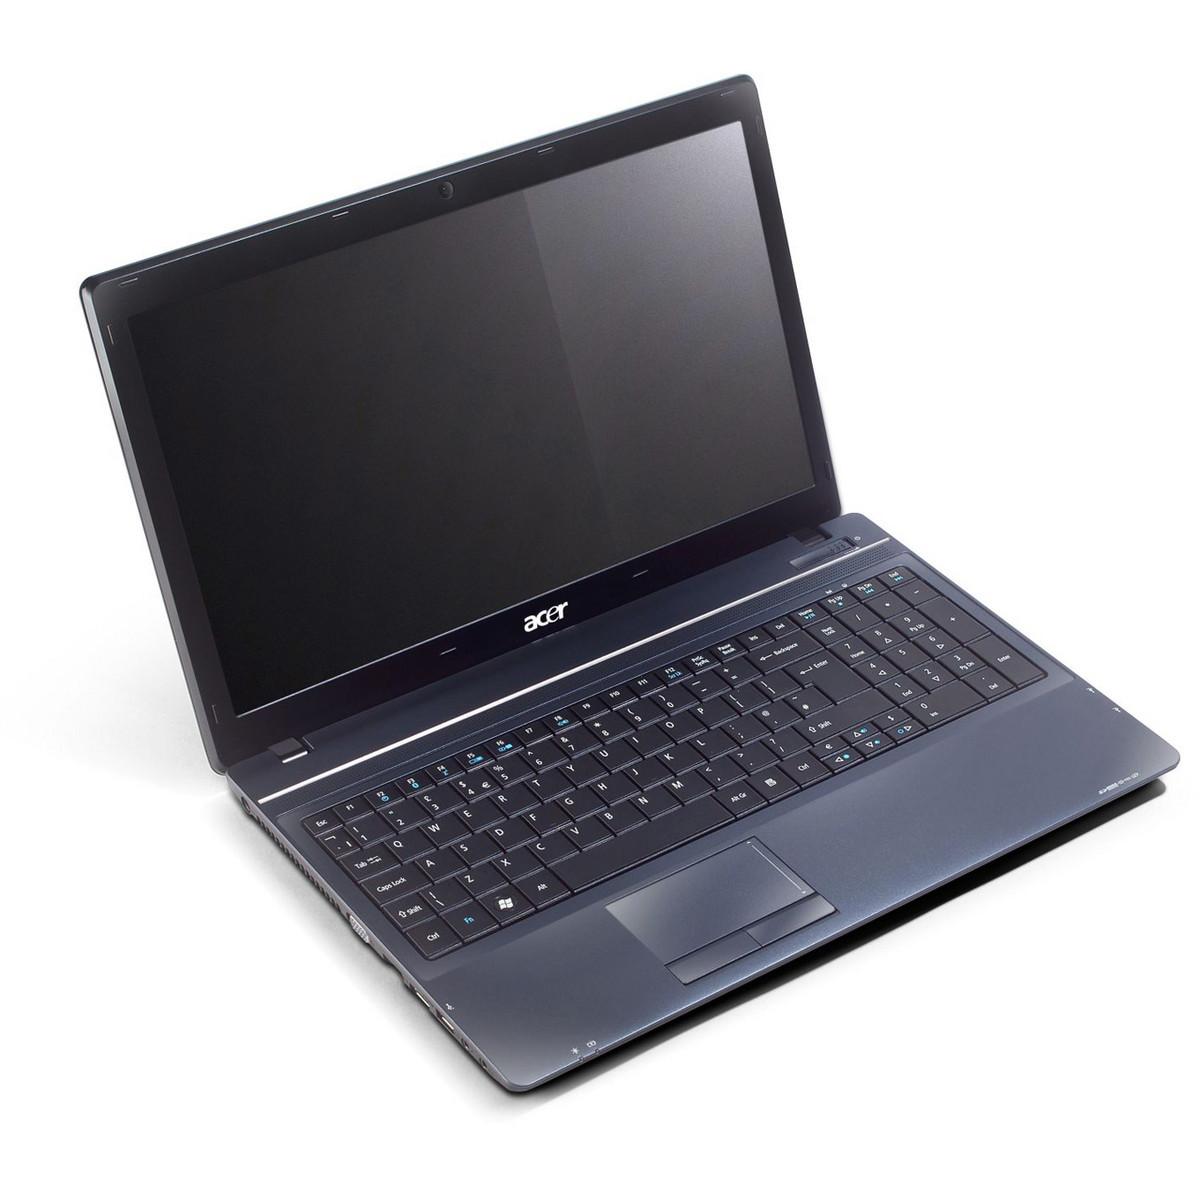 Ноутбук бу Acer Aspire 5740 Core i5 430m, фото 1